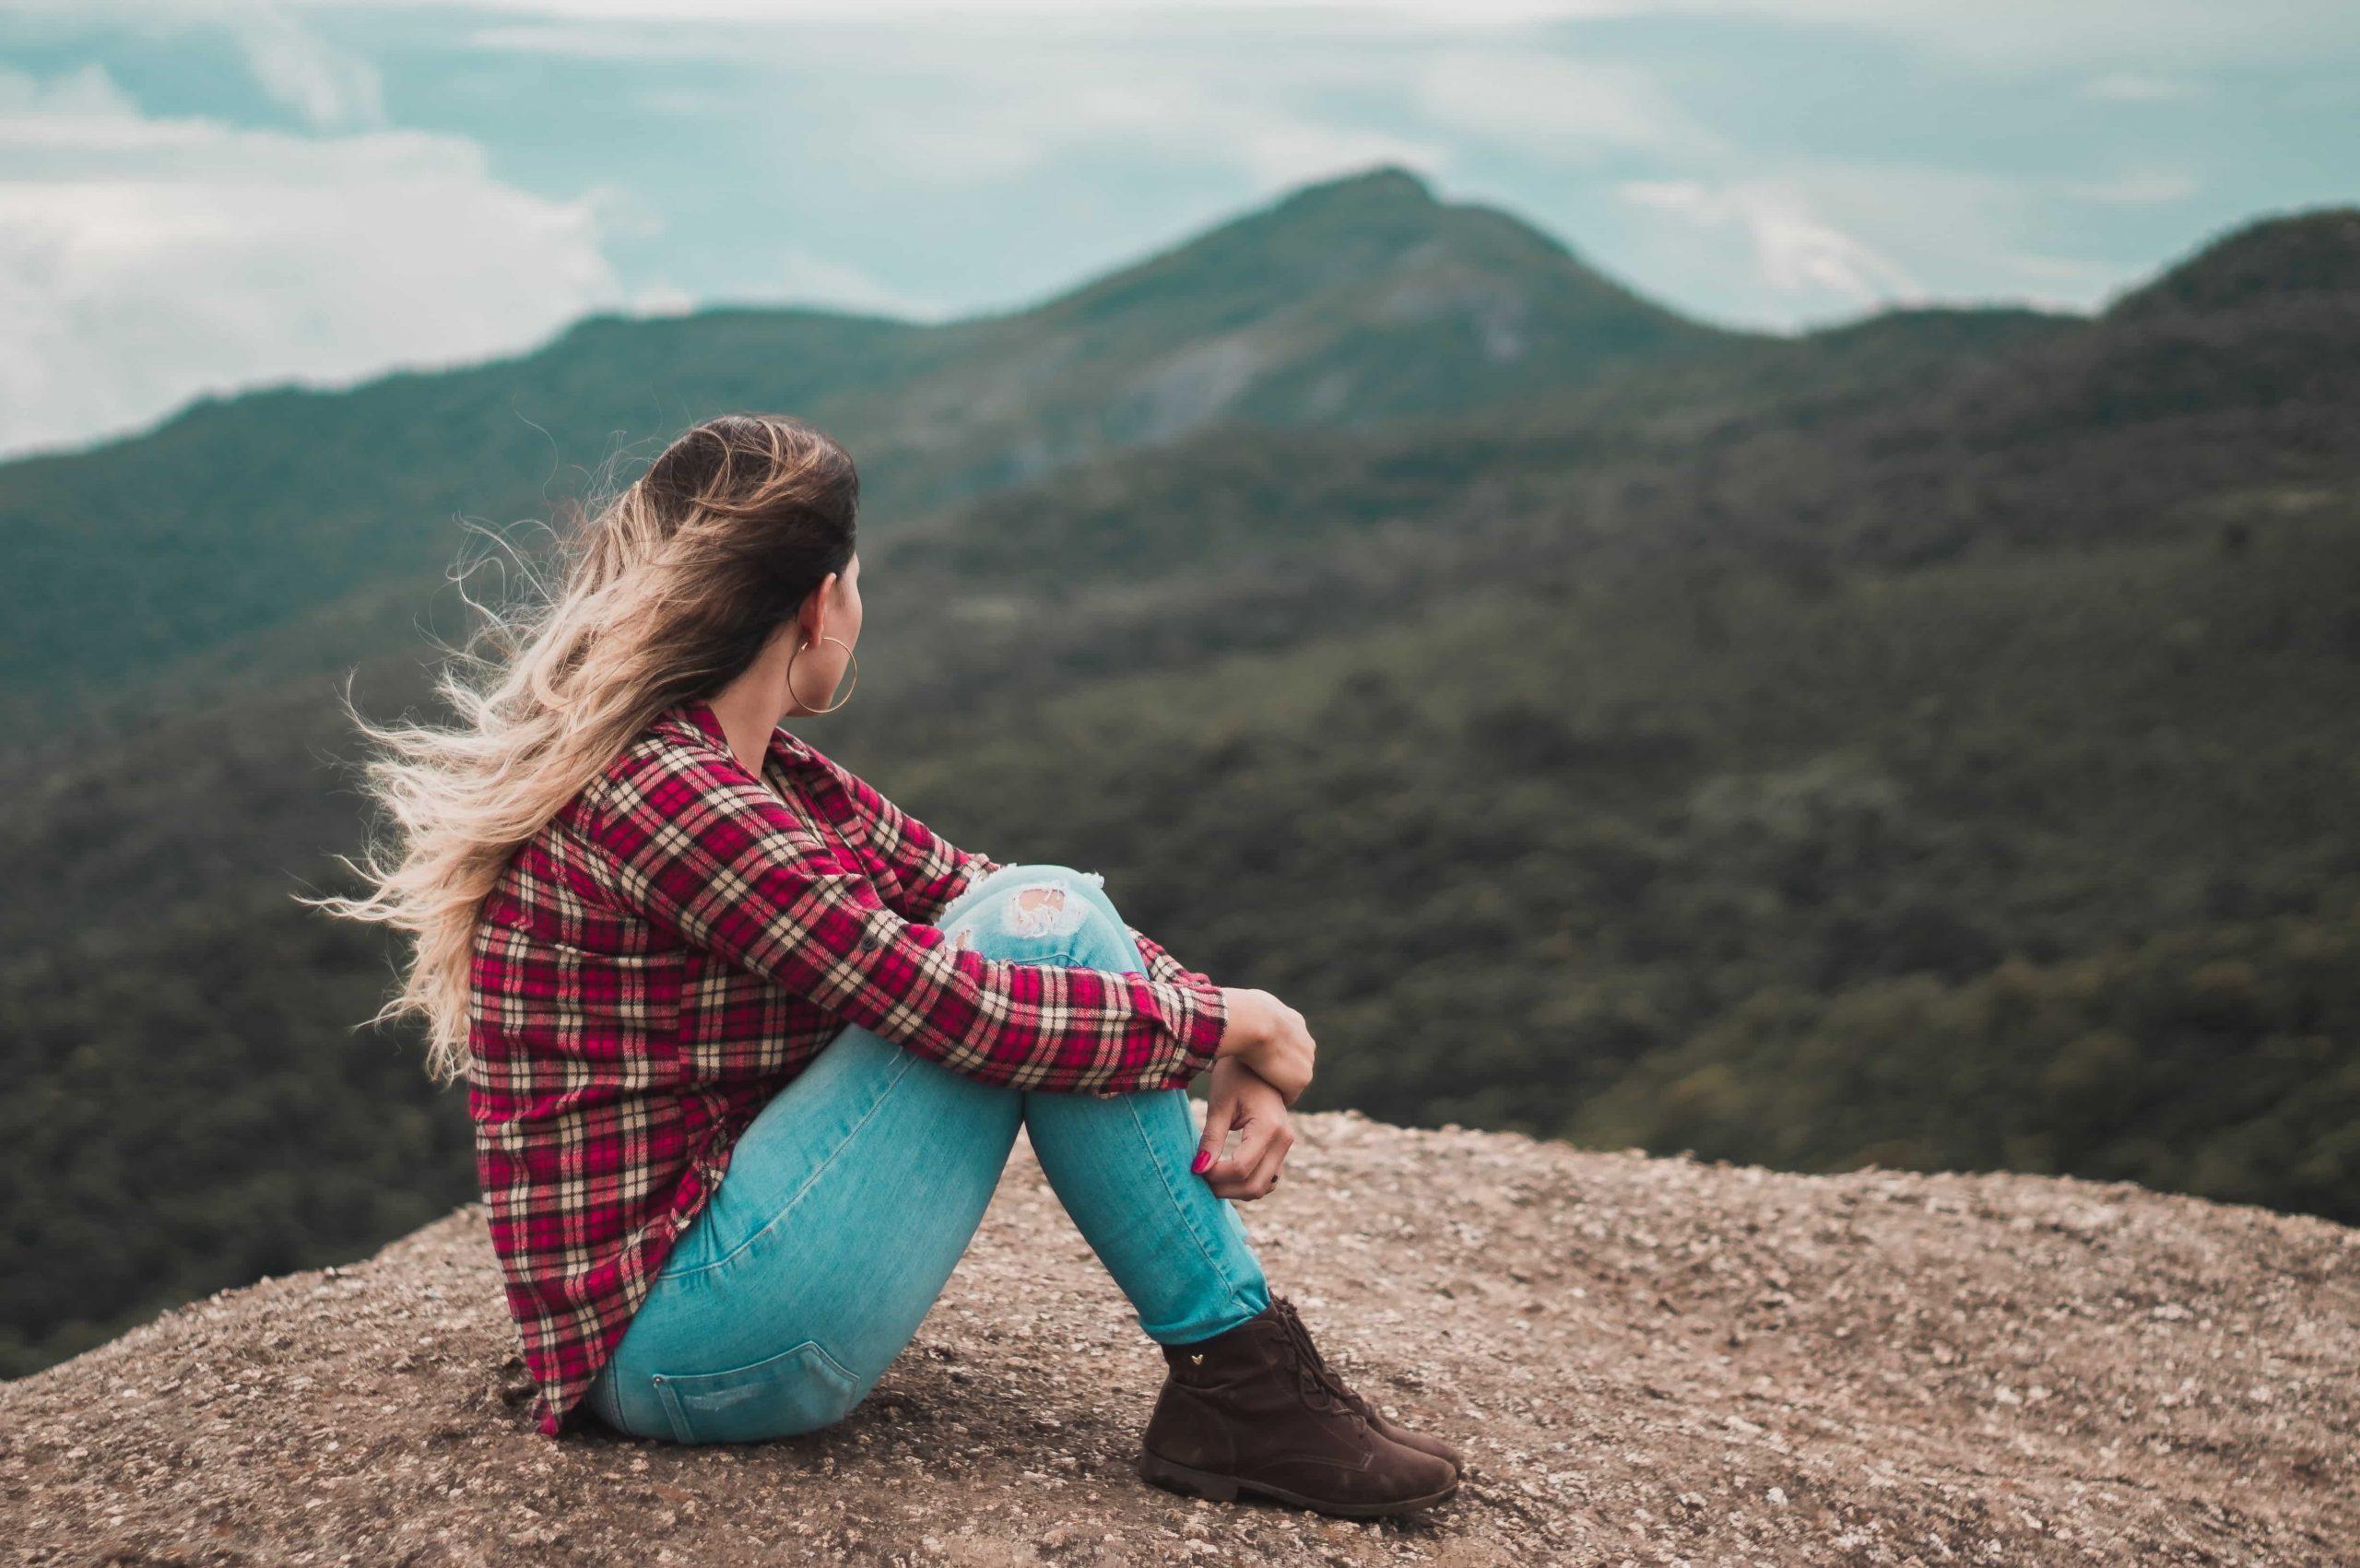 femme pensant devant un paysage de montagnes